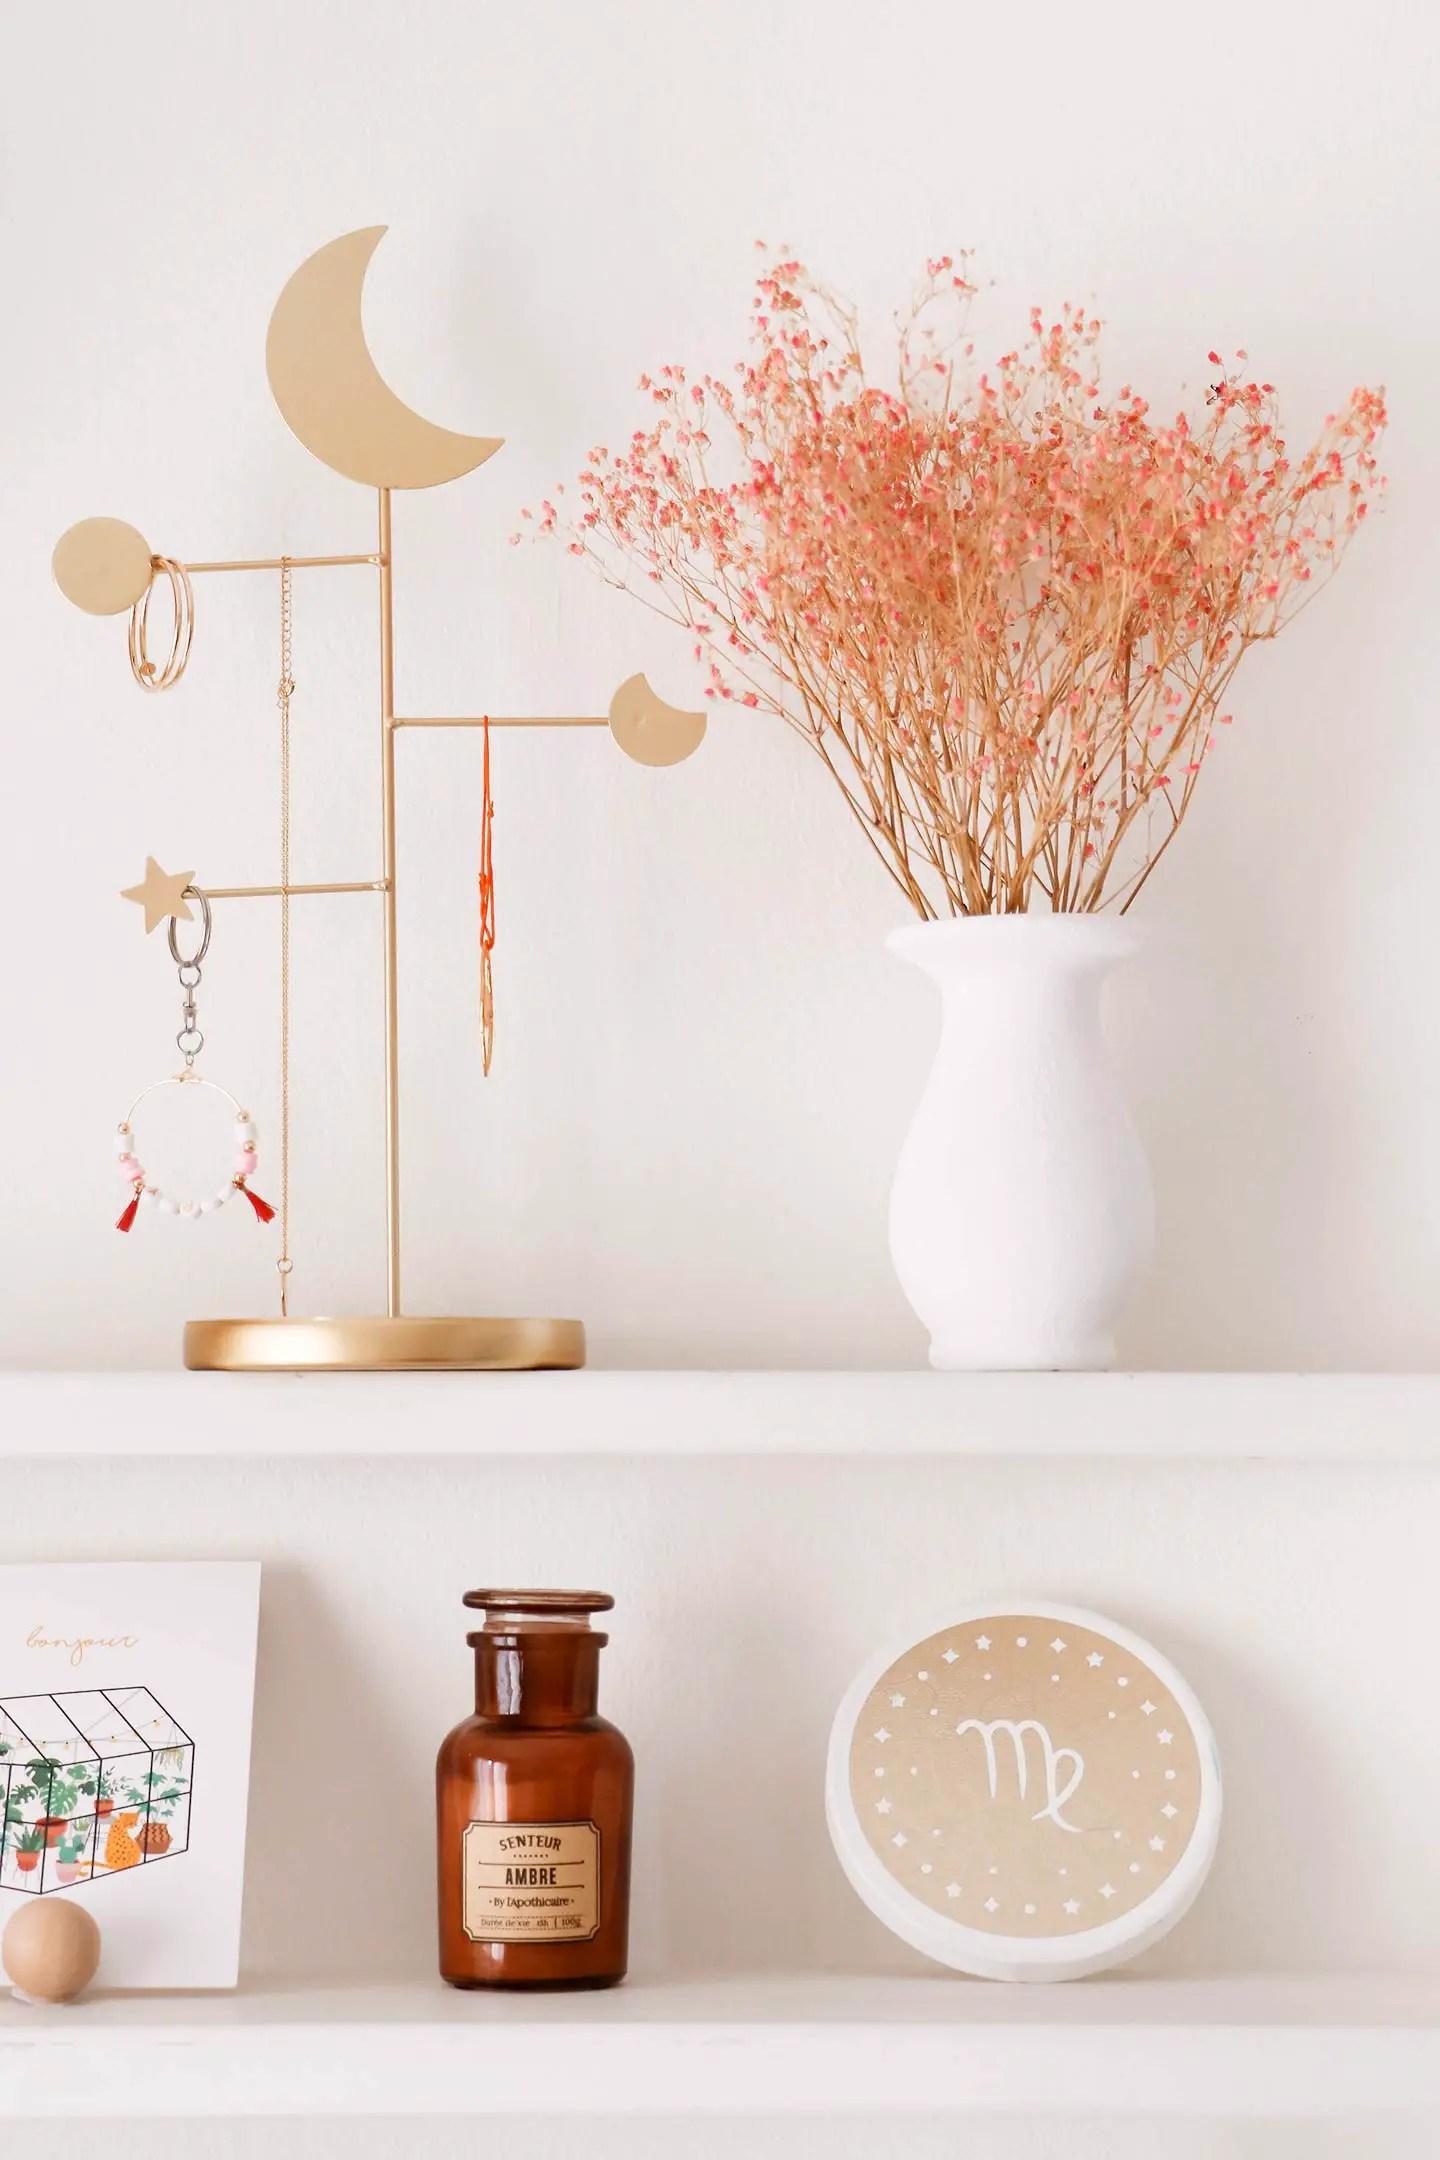 DIY personnaliser vases